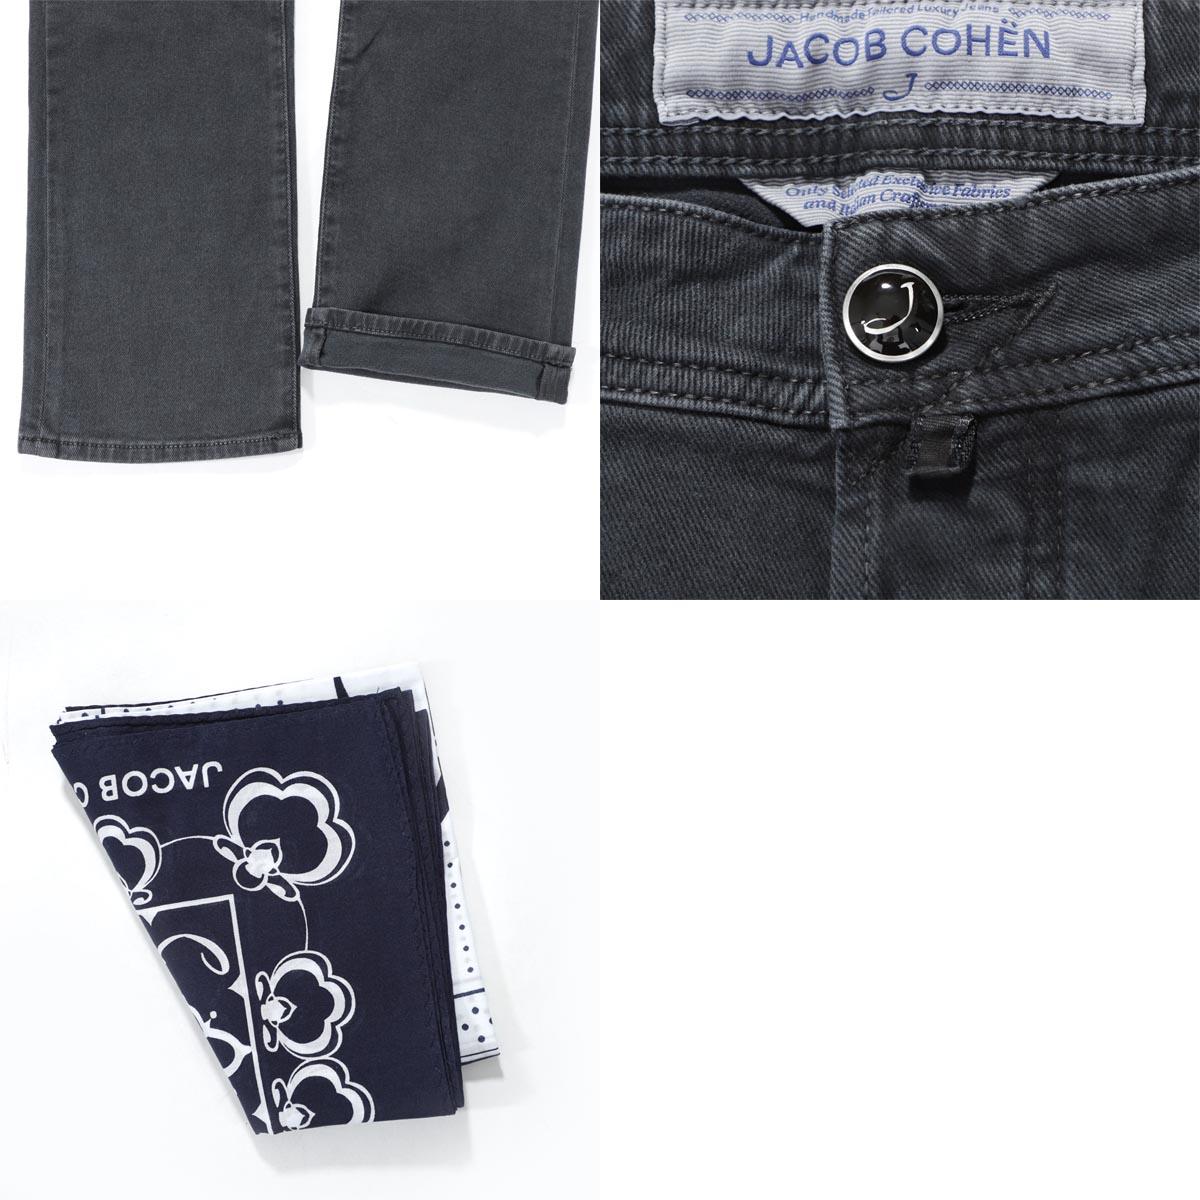 Jacob Cohen JACOB COHEN button fried food jeans men denim 5 pocket j622 05406 990 J622 COMFORT